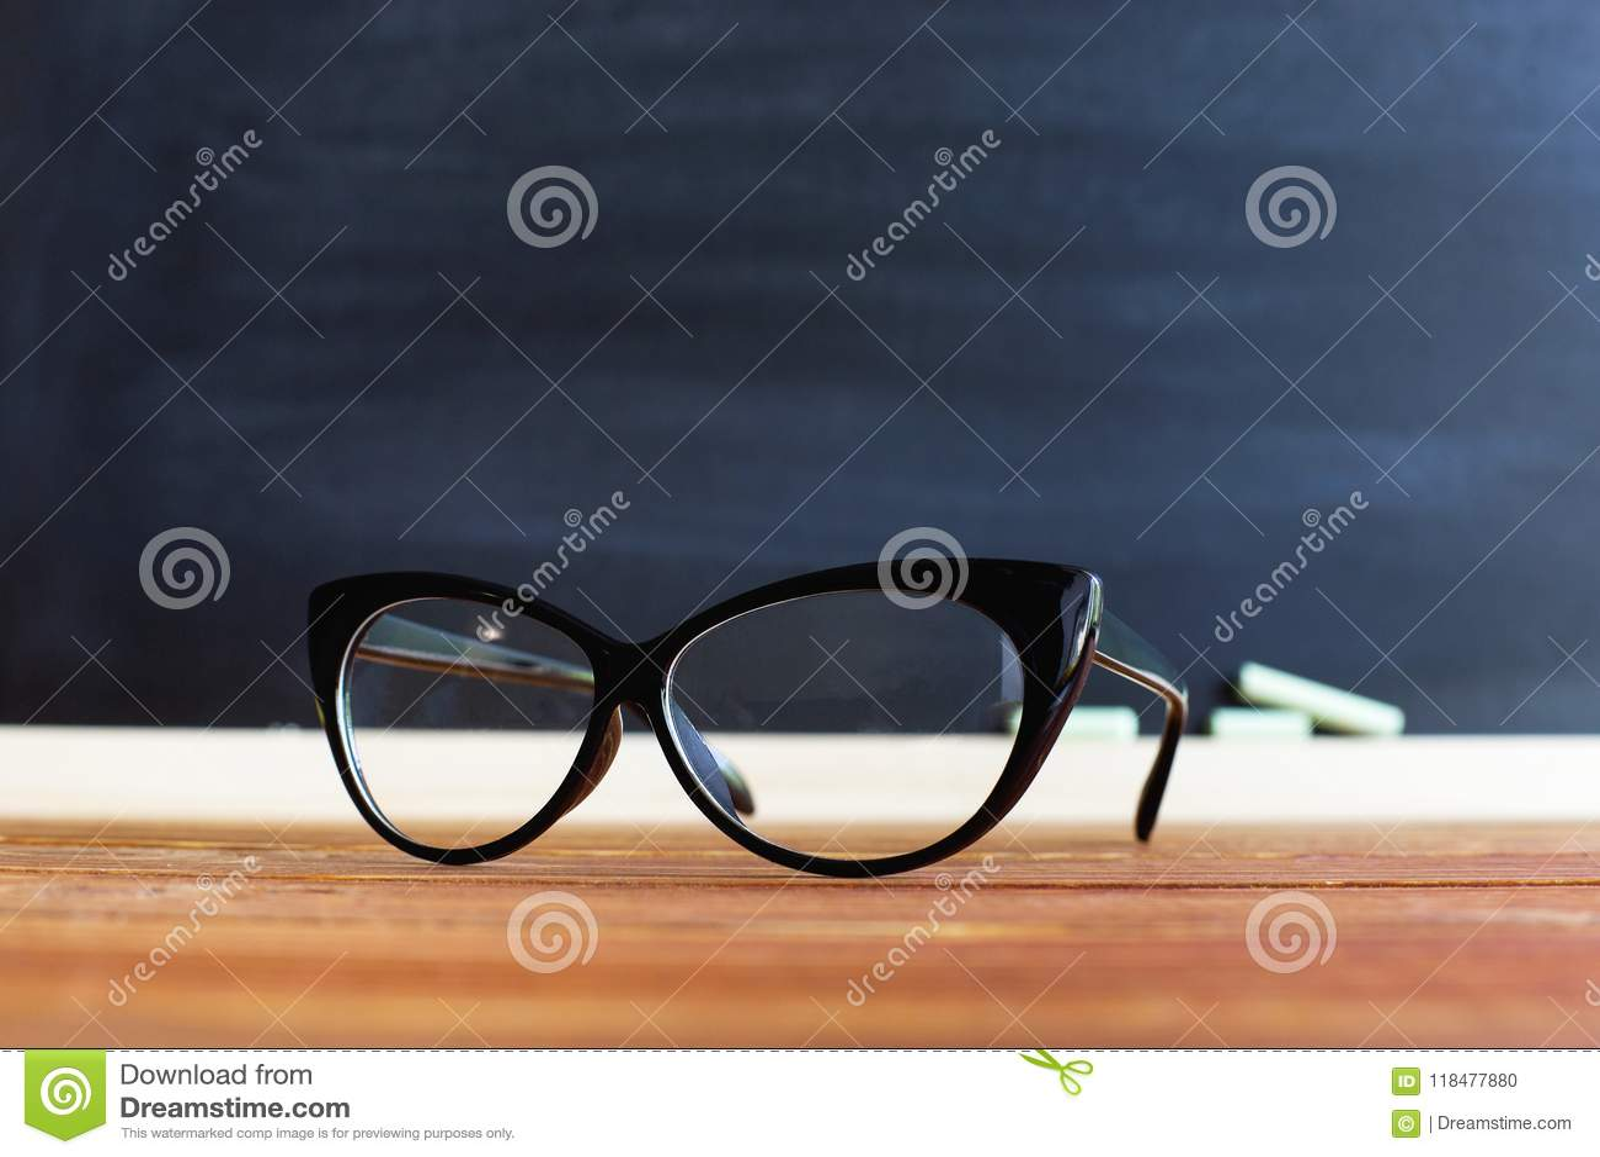 Szkło nauczyciel na stole przeciw chalkboard tłu z kredą, Pojęcie dla nauczyciela dnia kosmos kopii